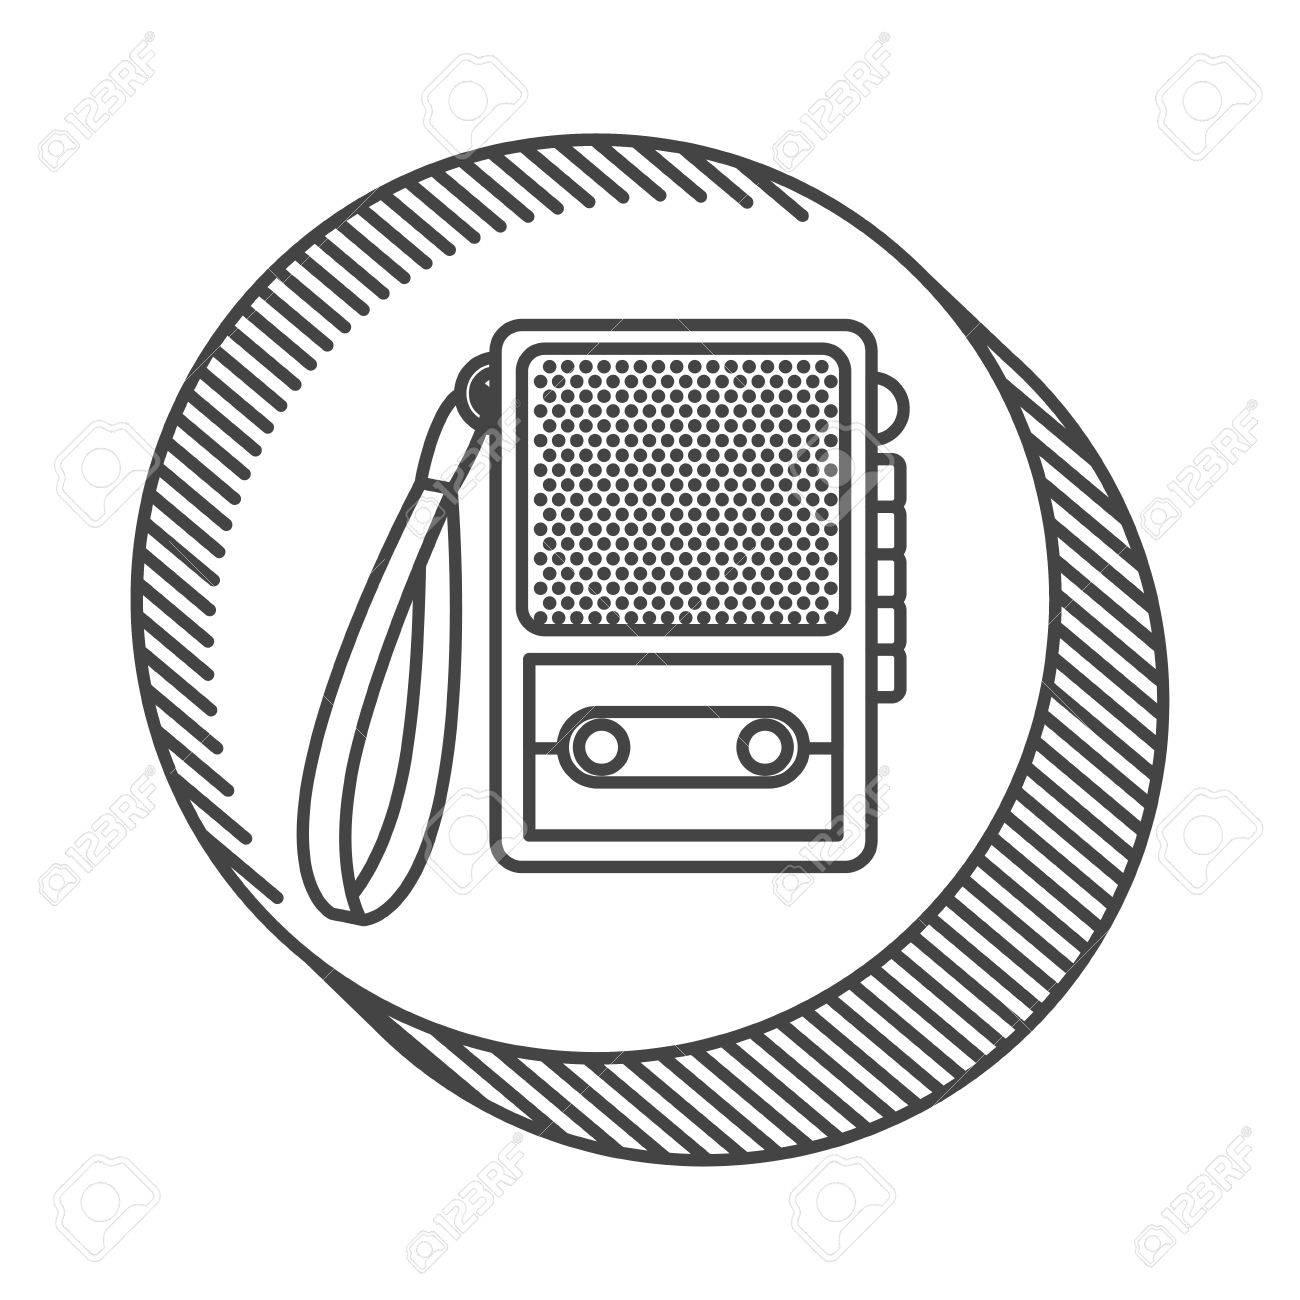 1300x1300 Retro Recorder Device Icon. Broadcast And Media Design. Vector